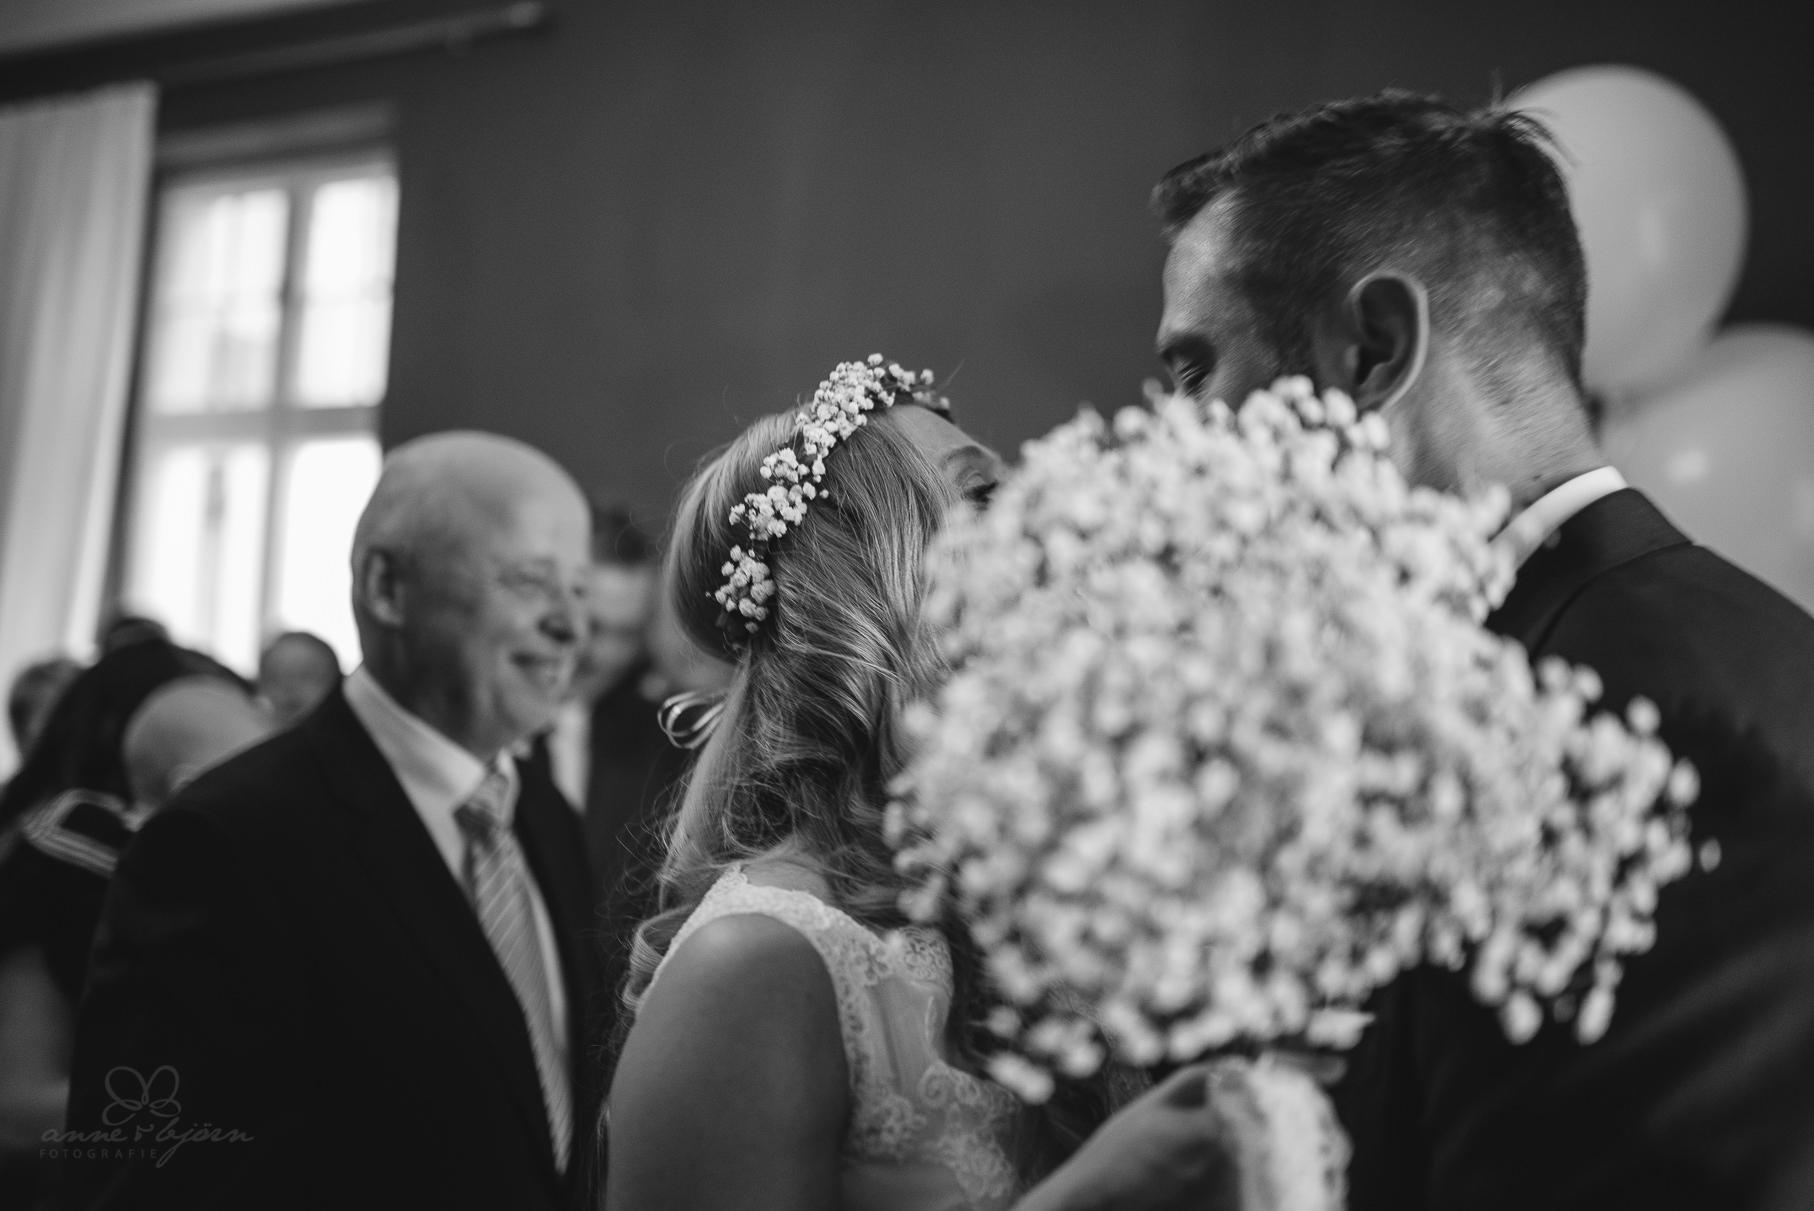 0078 anne und bjoern claudi und enno d75 5041 bearbeitet - Hochzeit auf Rügen (Klein Kubbelkow) - Claudi & Enno